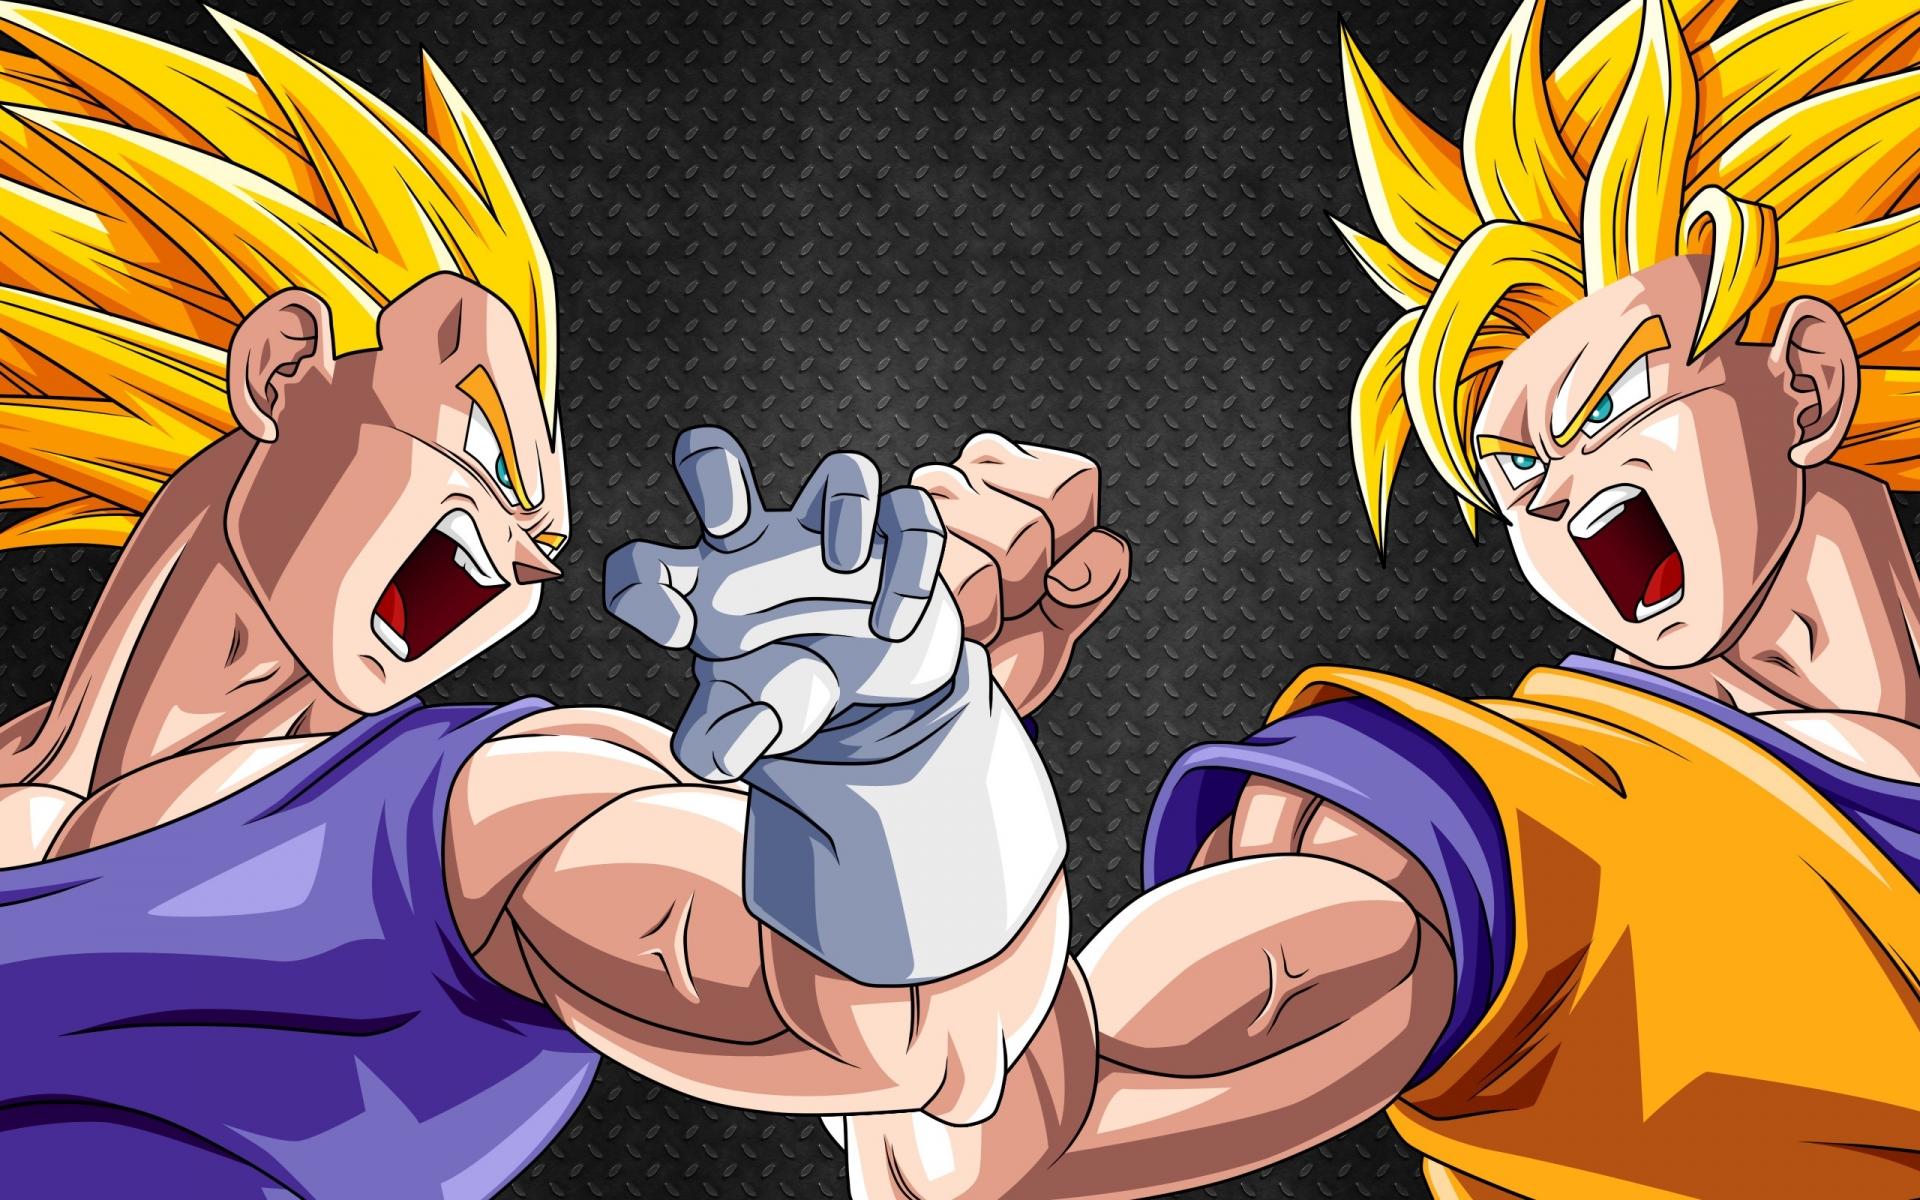 Goku and Vegeta_Haruhichan.com_